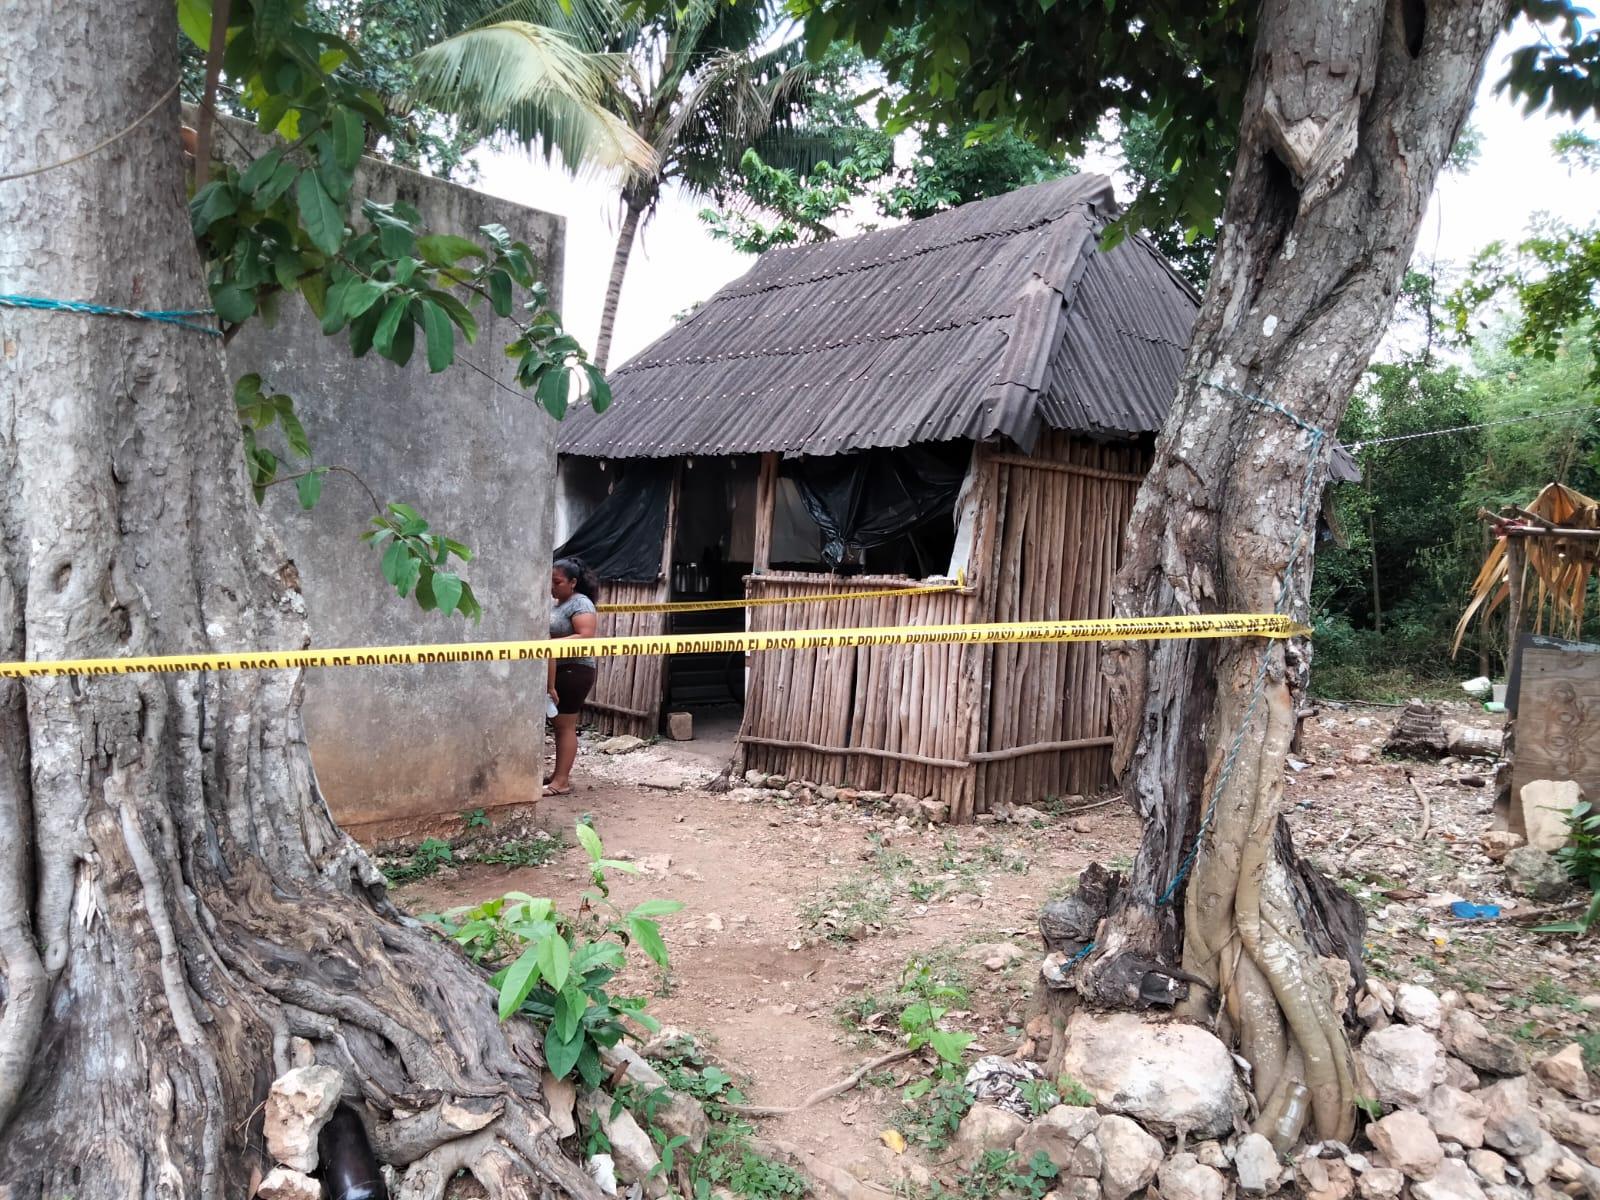 Masculino se quita la vida en Kaua